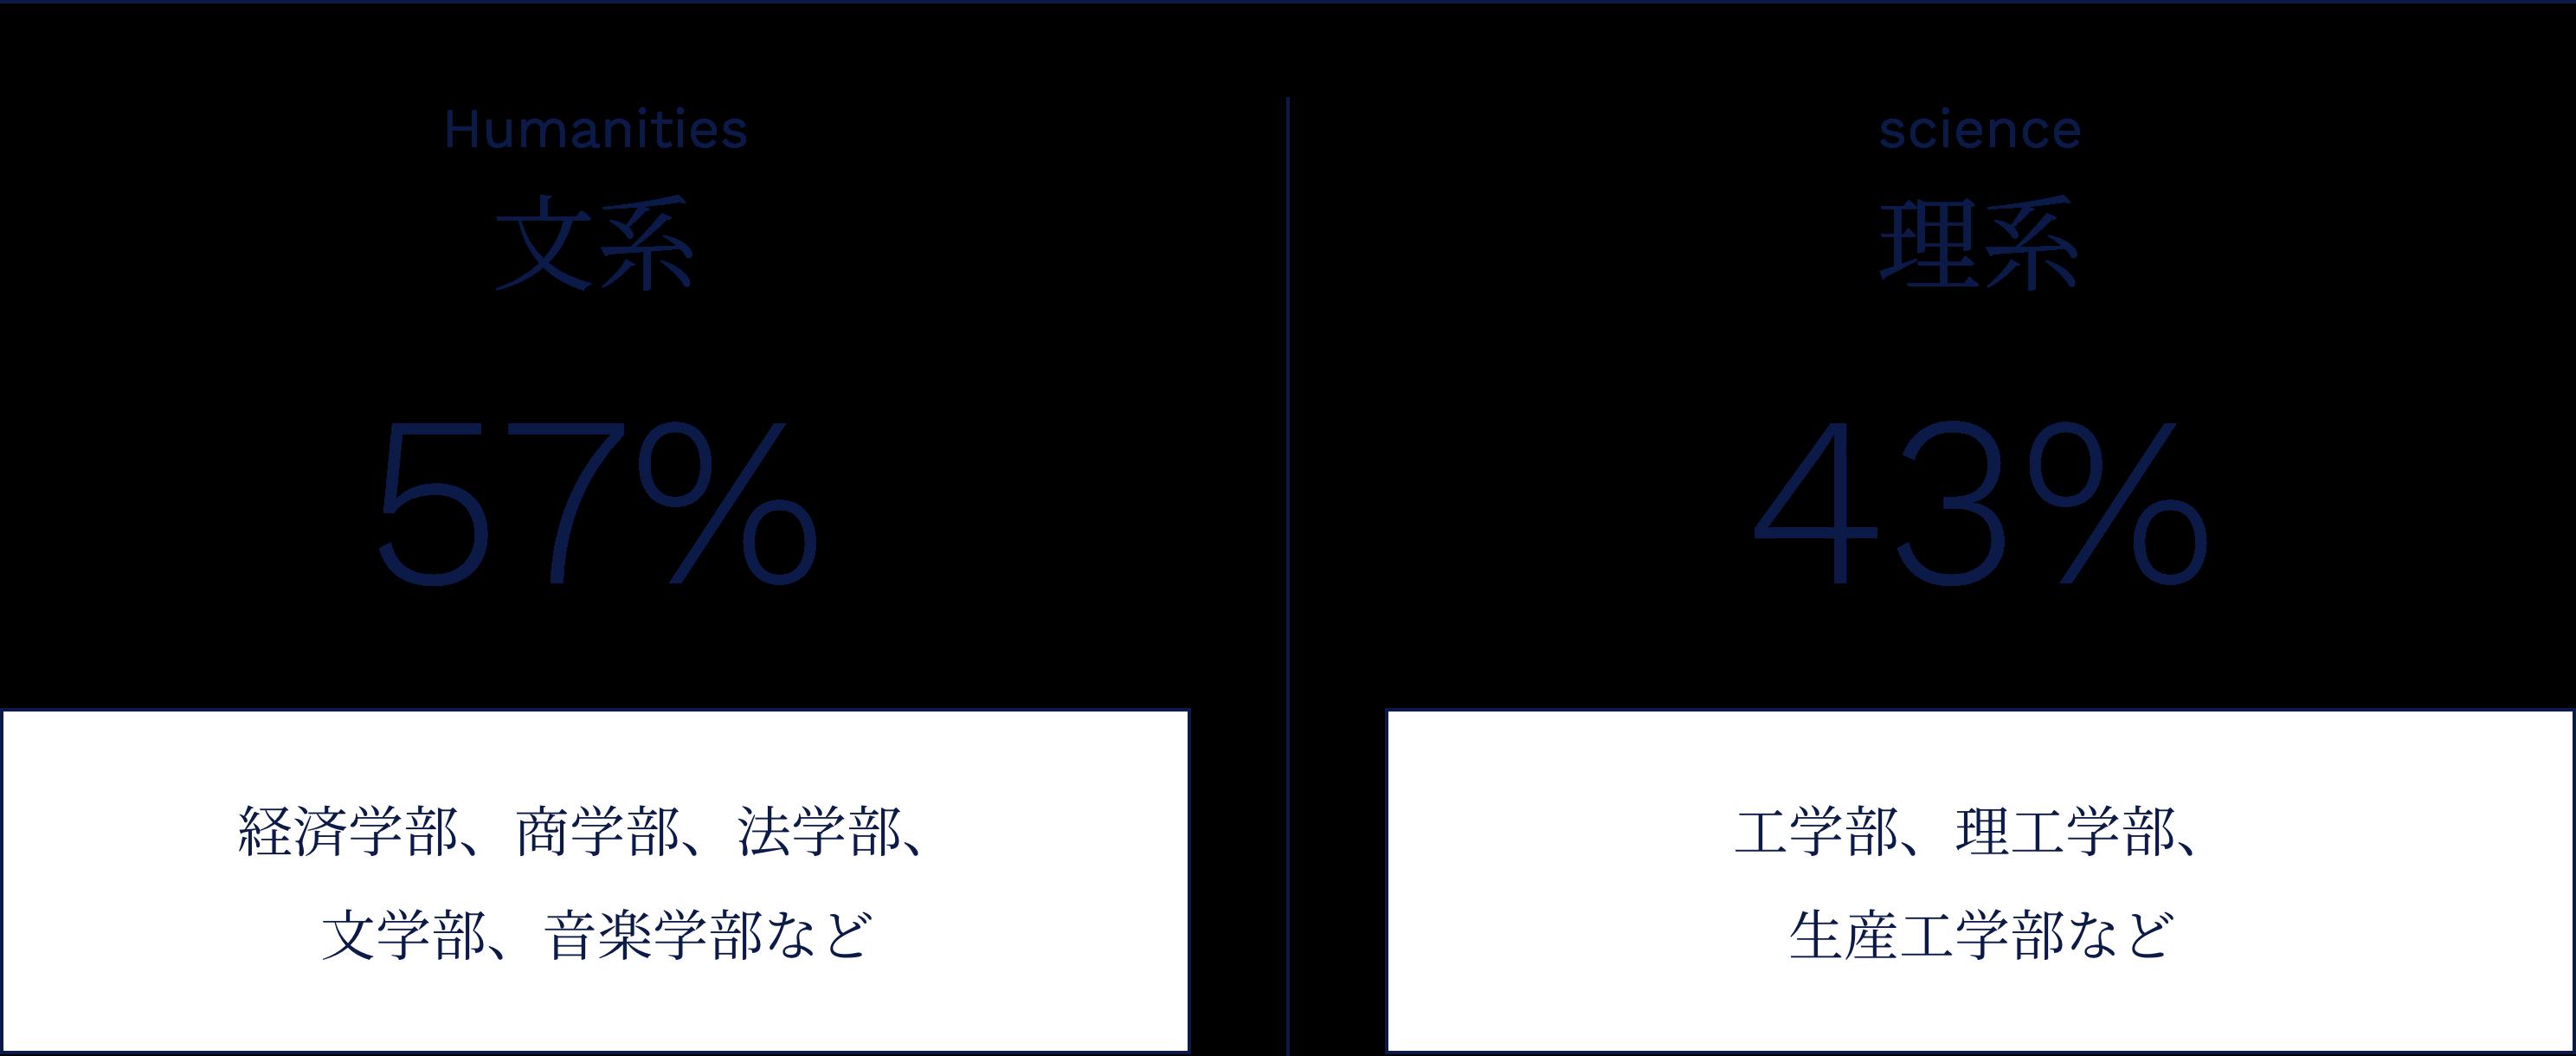 文系:57% 理系:43%